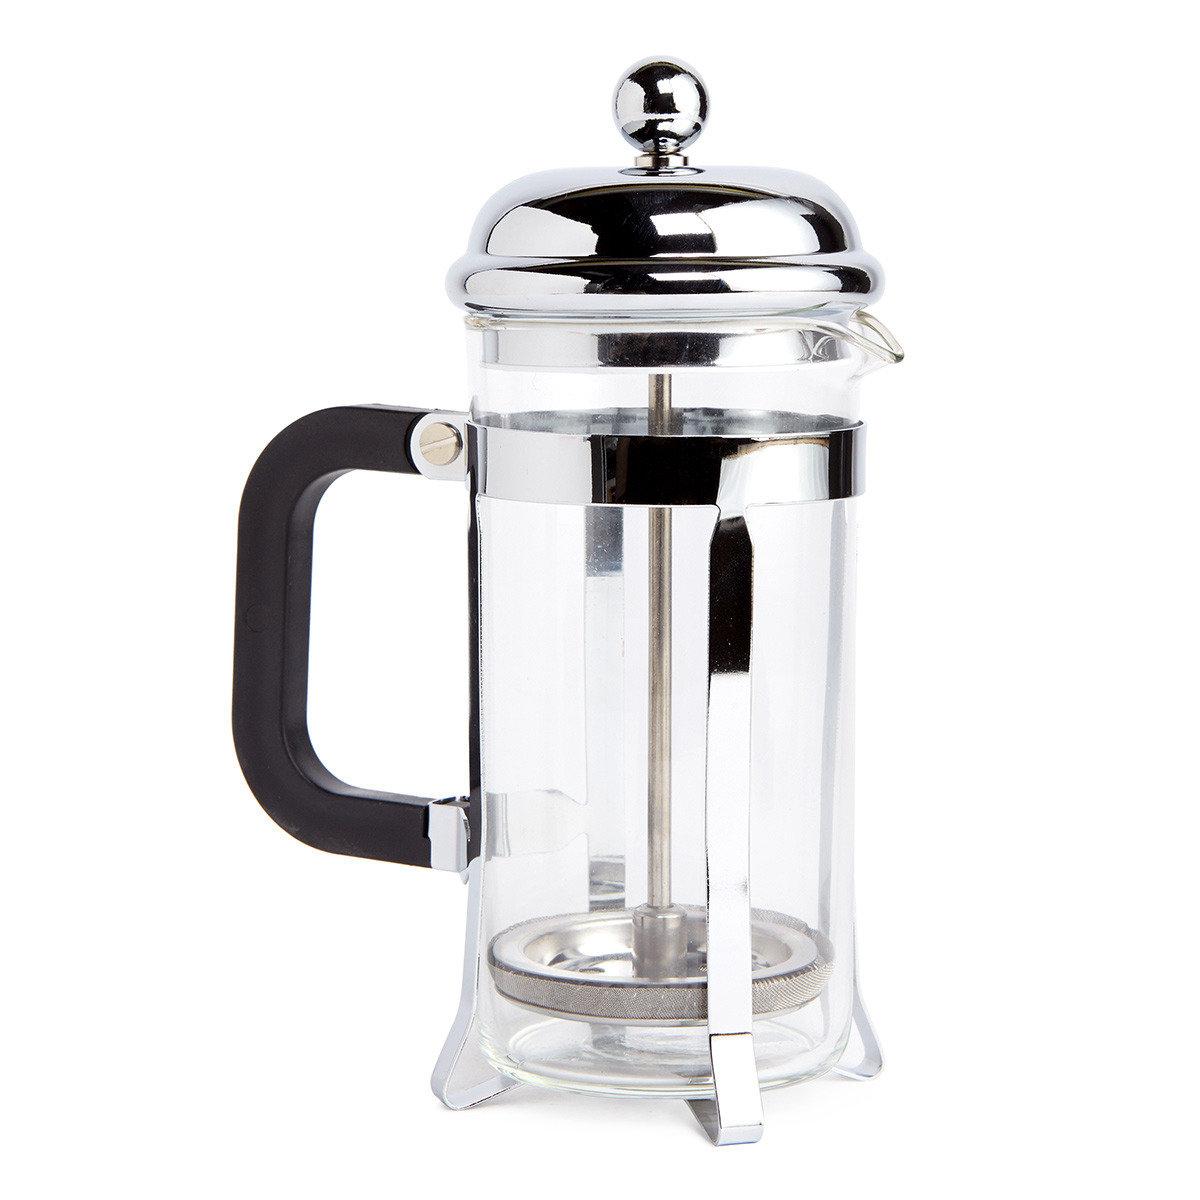 IC009 優雅直立沖茶器